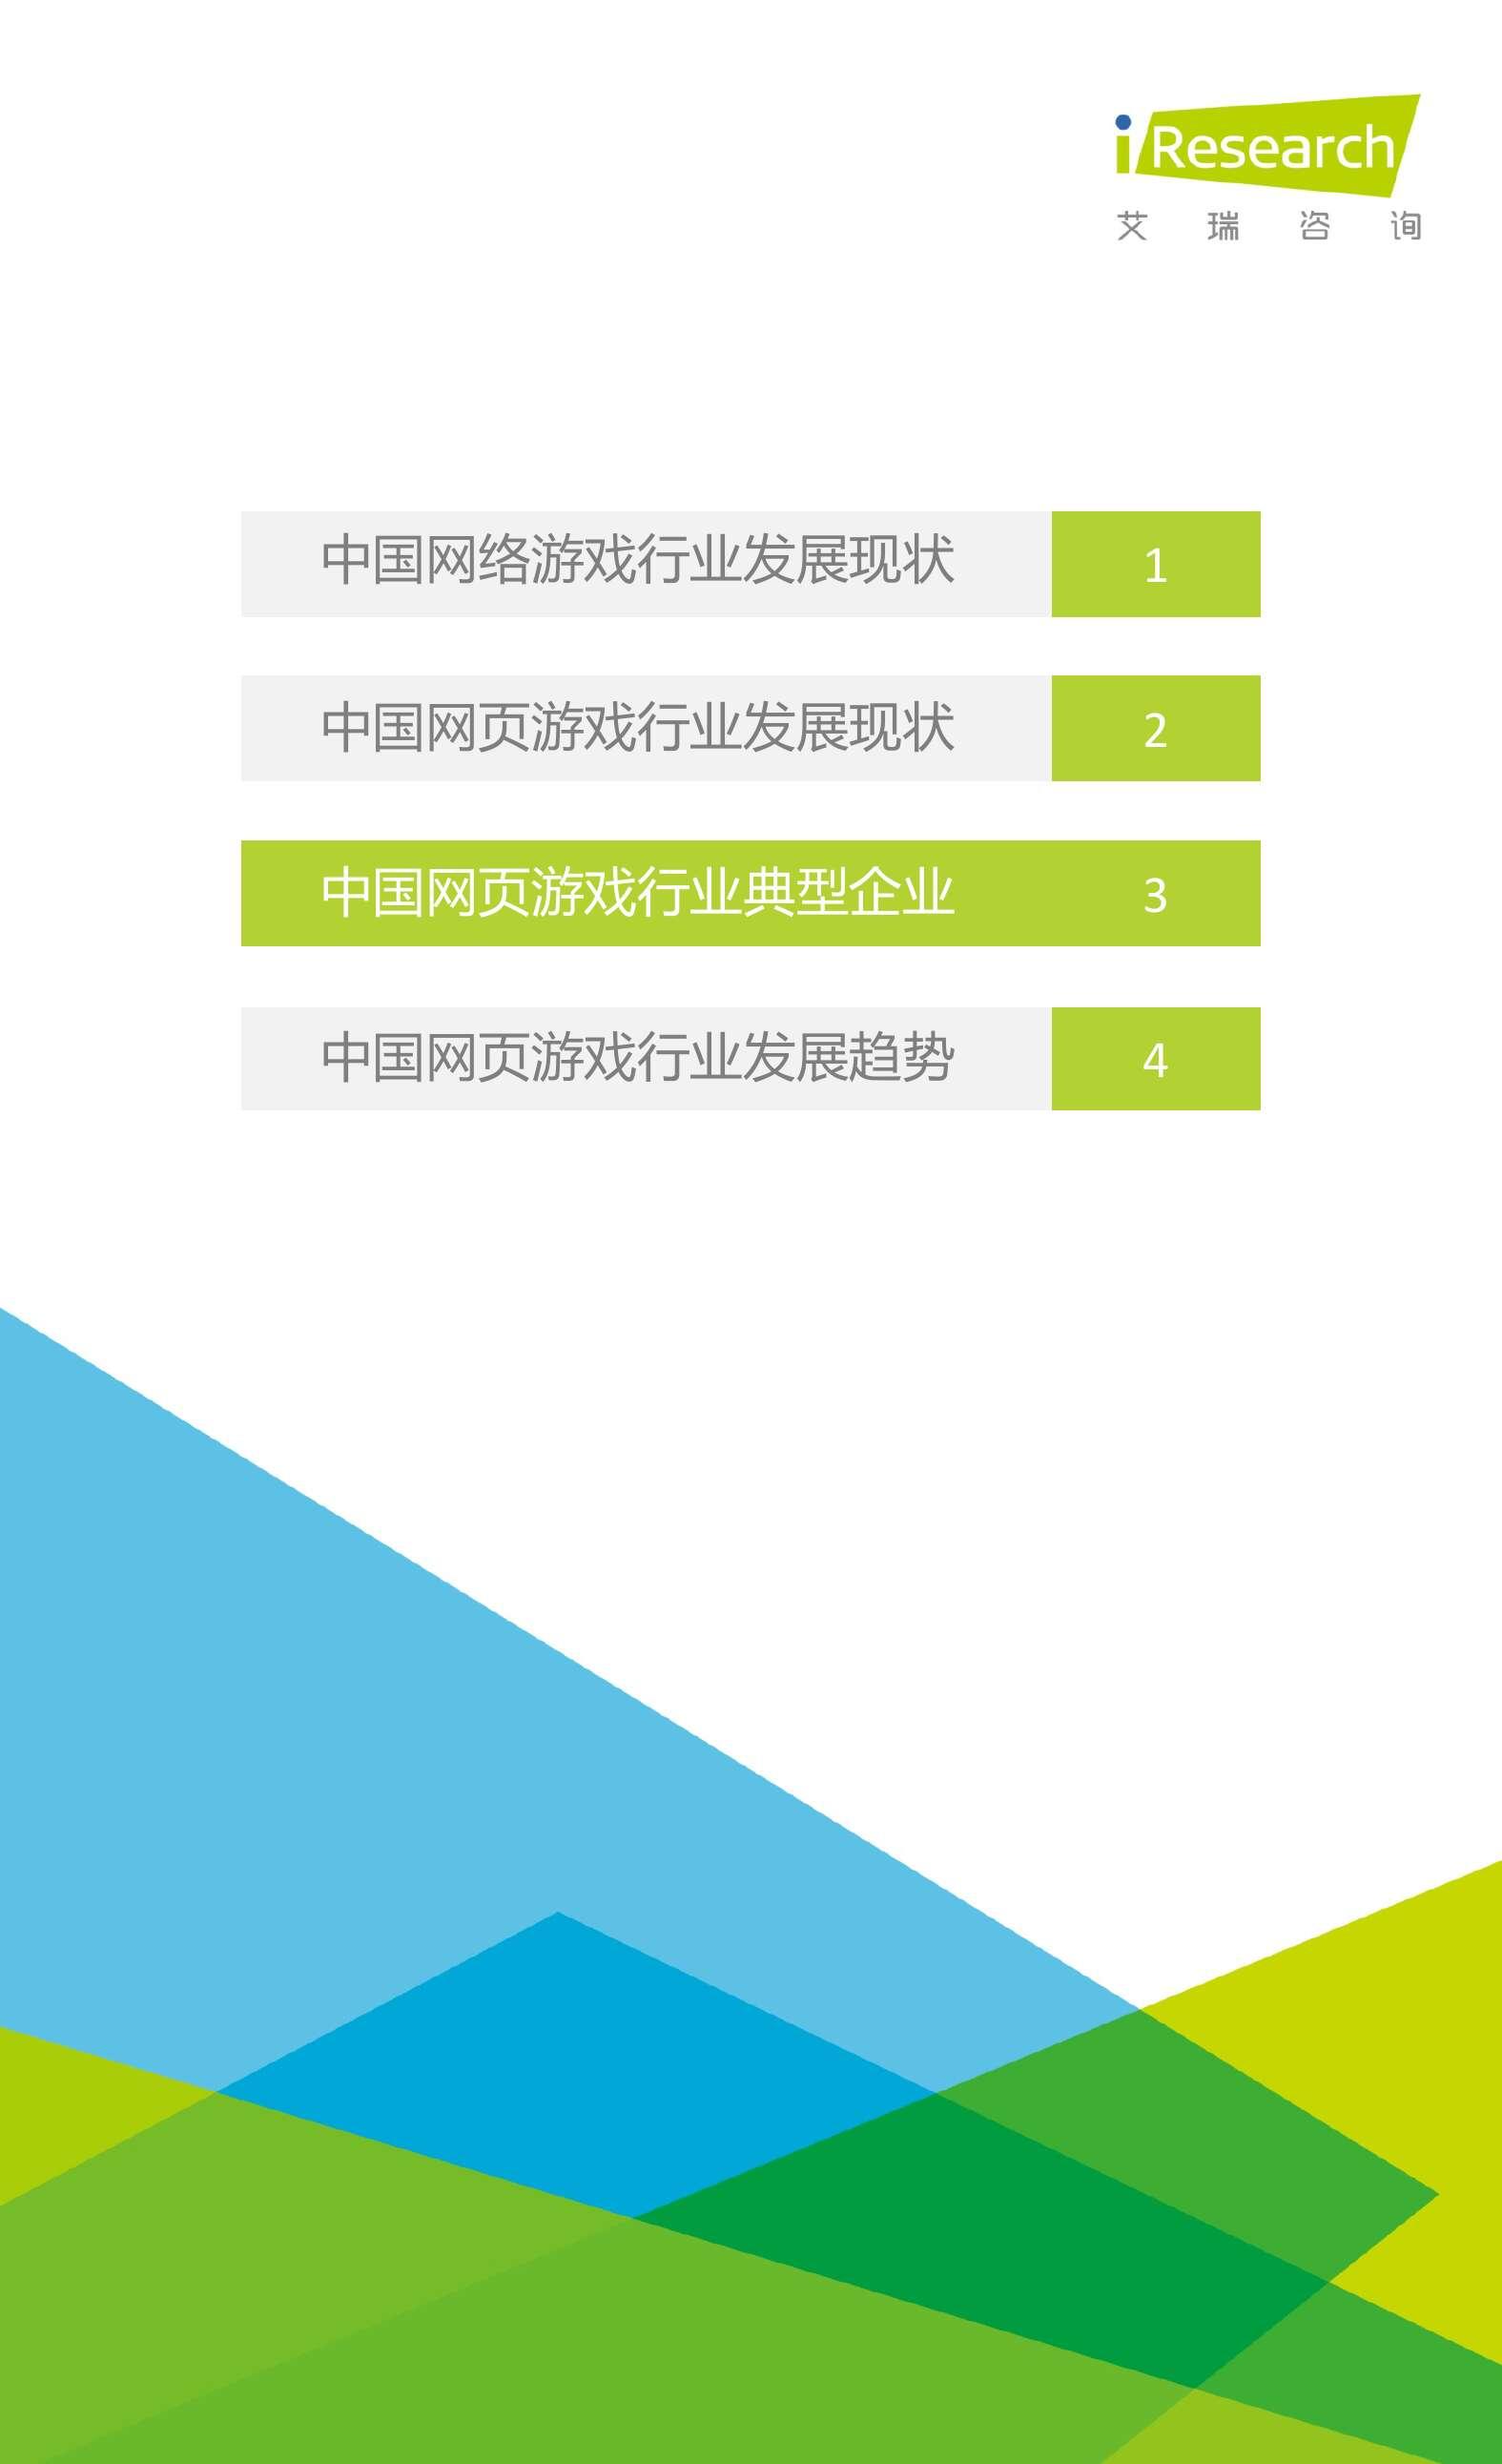 2016年中国网页游戏行业研究报告_000018